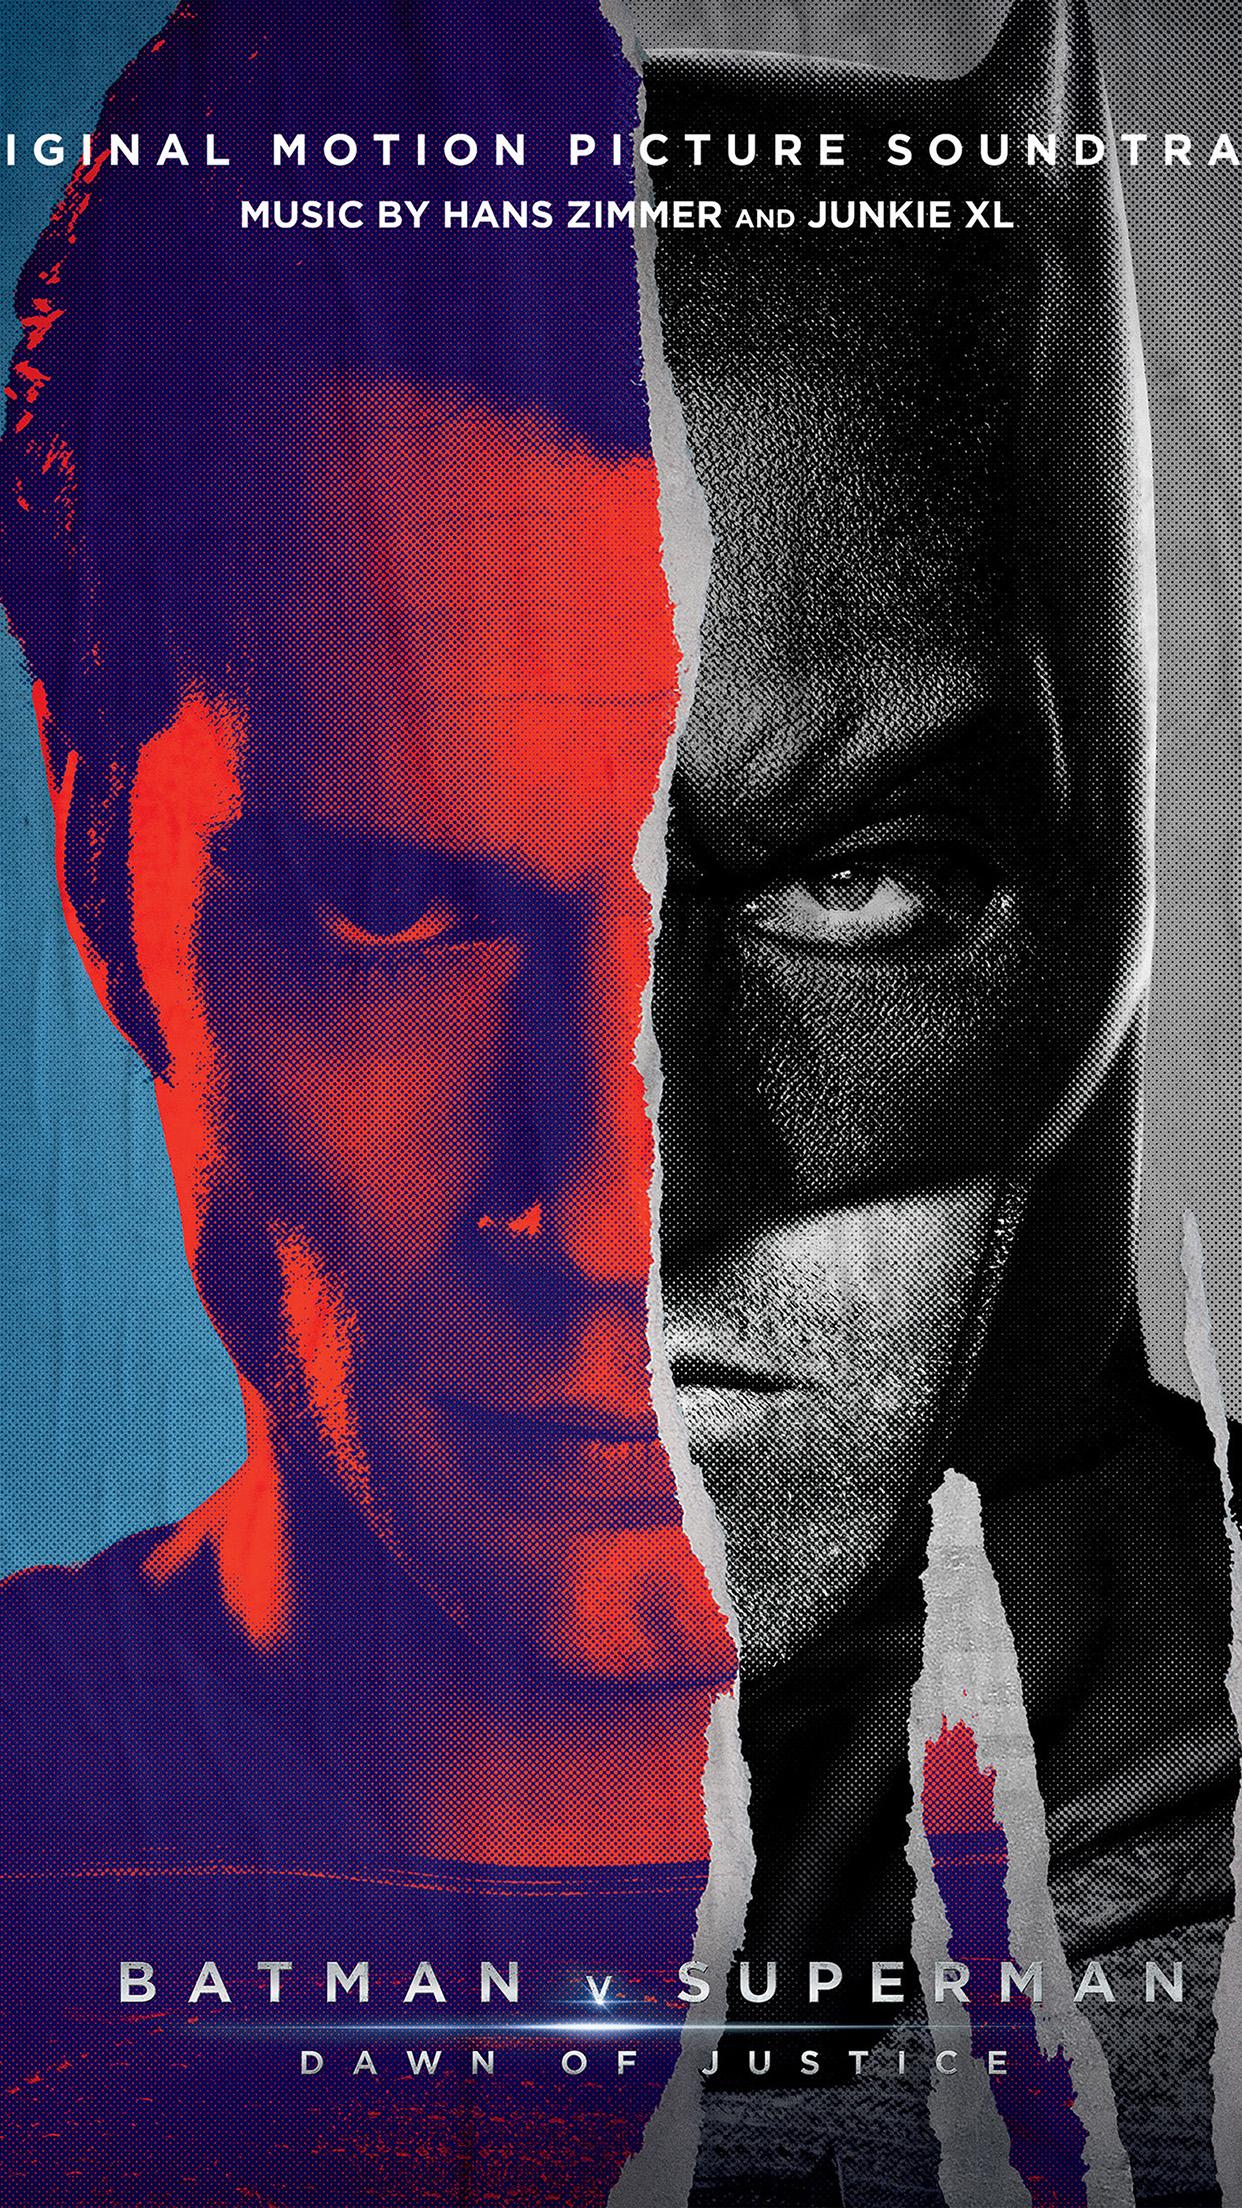 Batman Vs Superman Poster Art Film Comics Android Wallpaper Hans